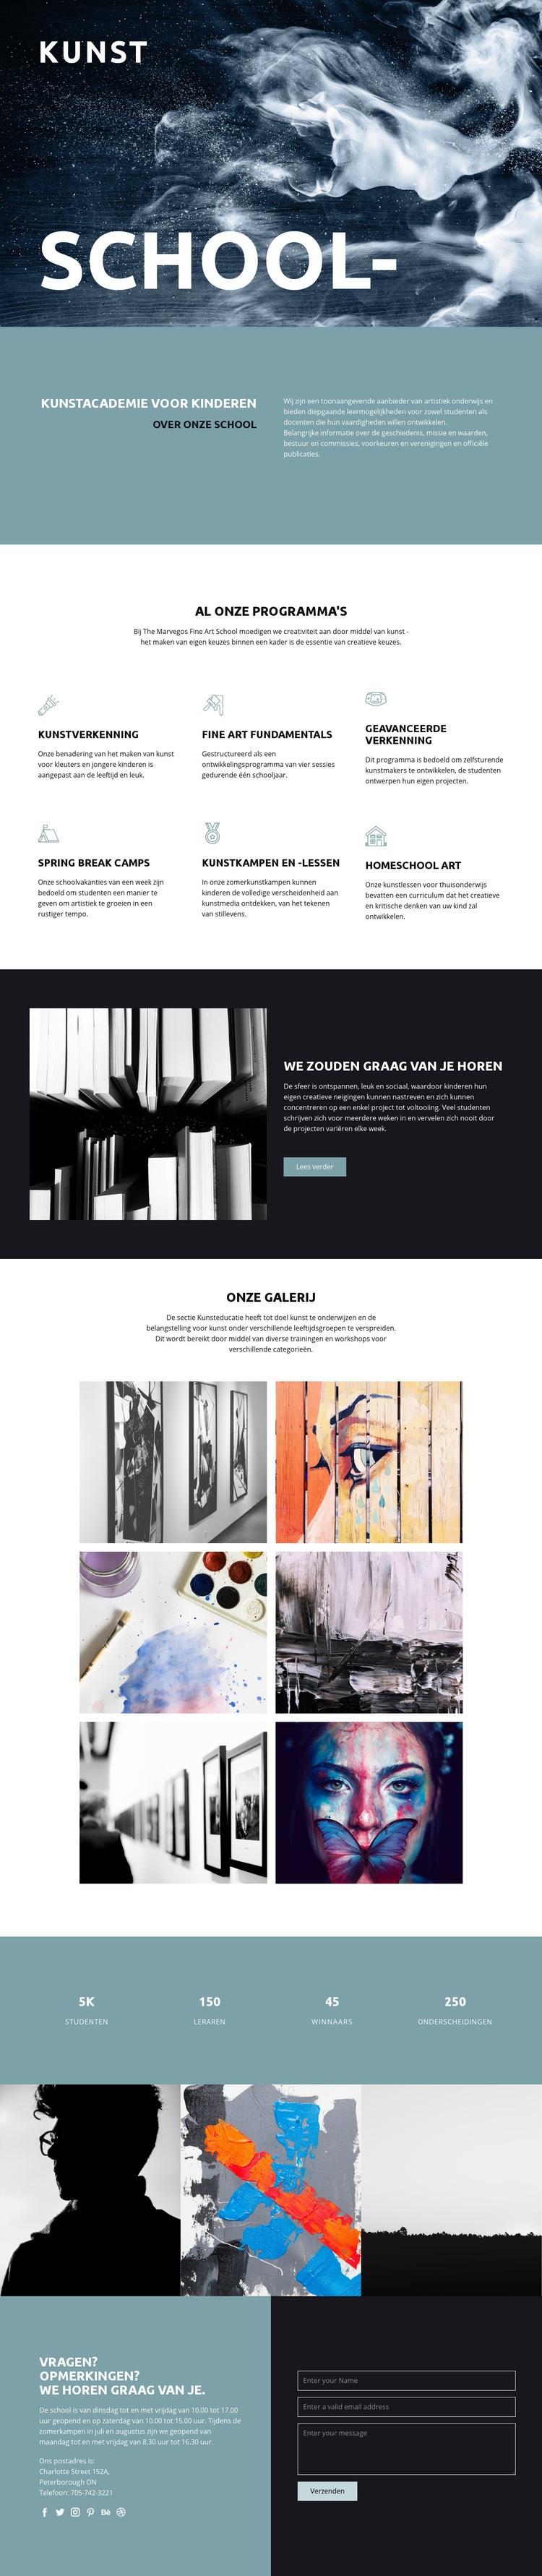 School voor kunstonderwijs Website sjabloon